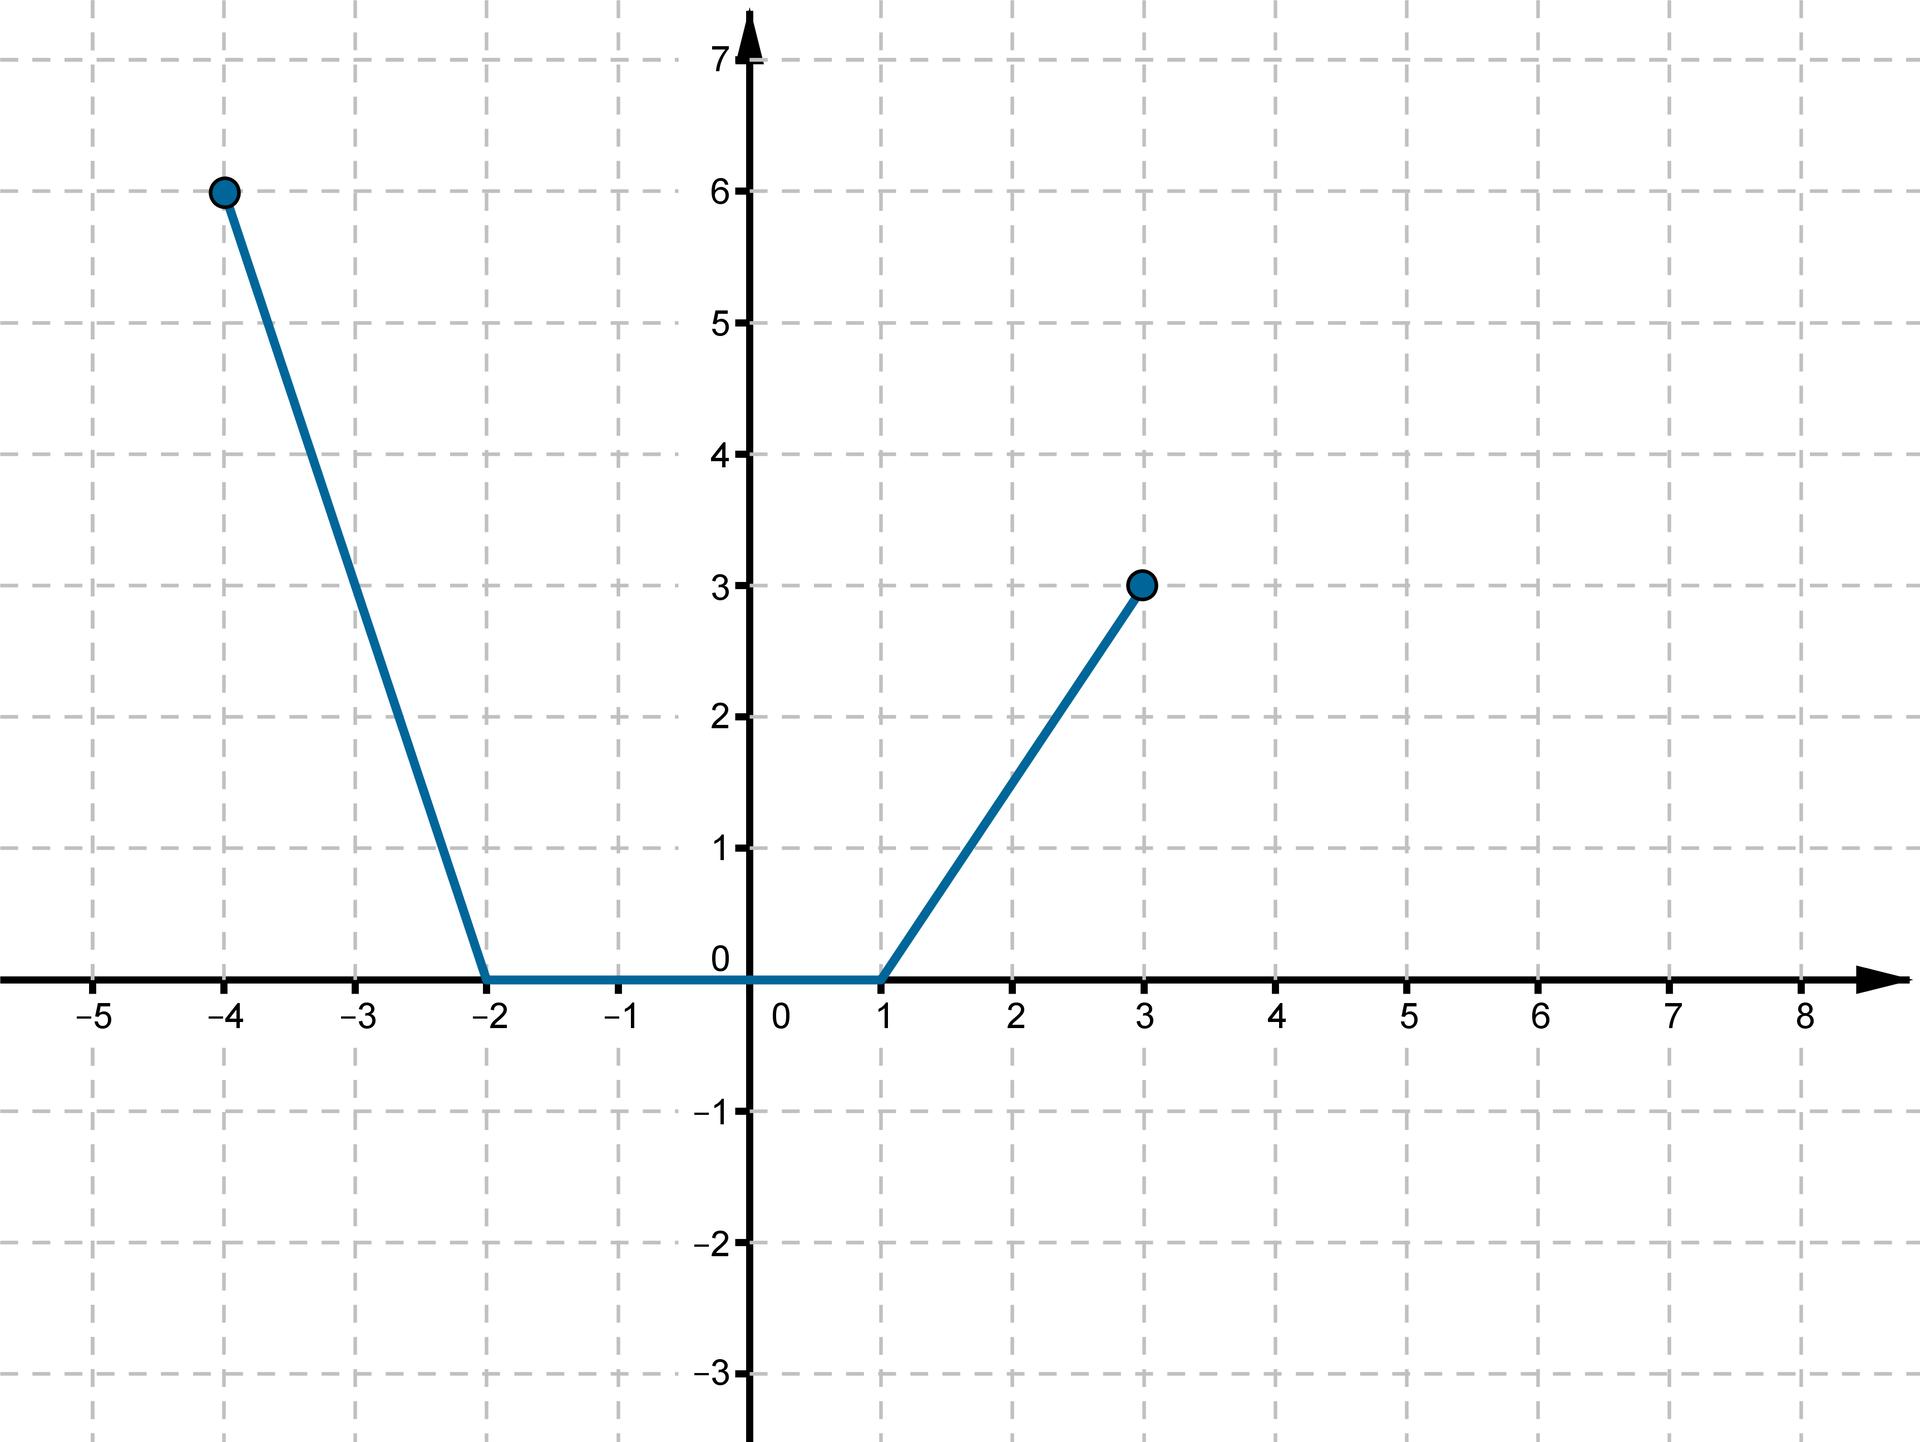 Wykres otrzymany wwyniku przesunięcia funkcji fo1 jednostkę wlewo wzdłuż osi OX io1 jednostkę wgórę wzdłuż osi OY.